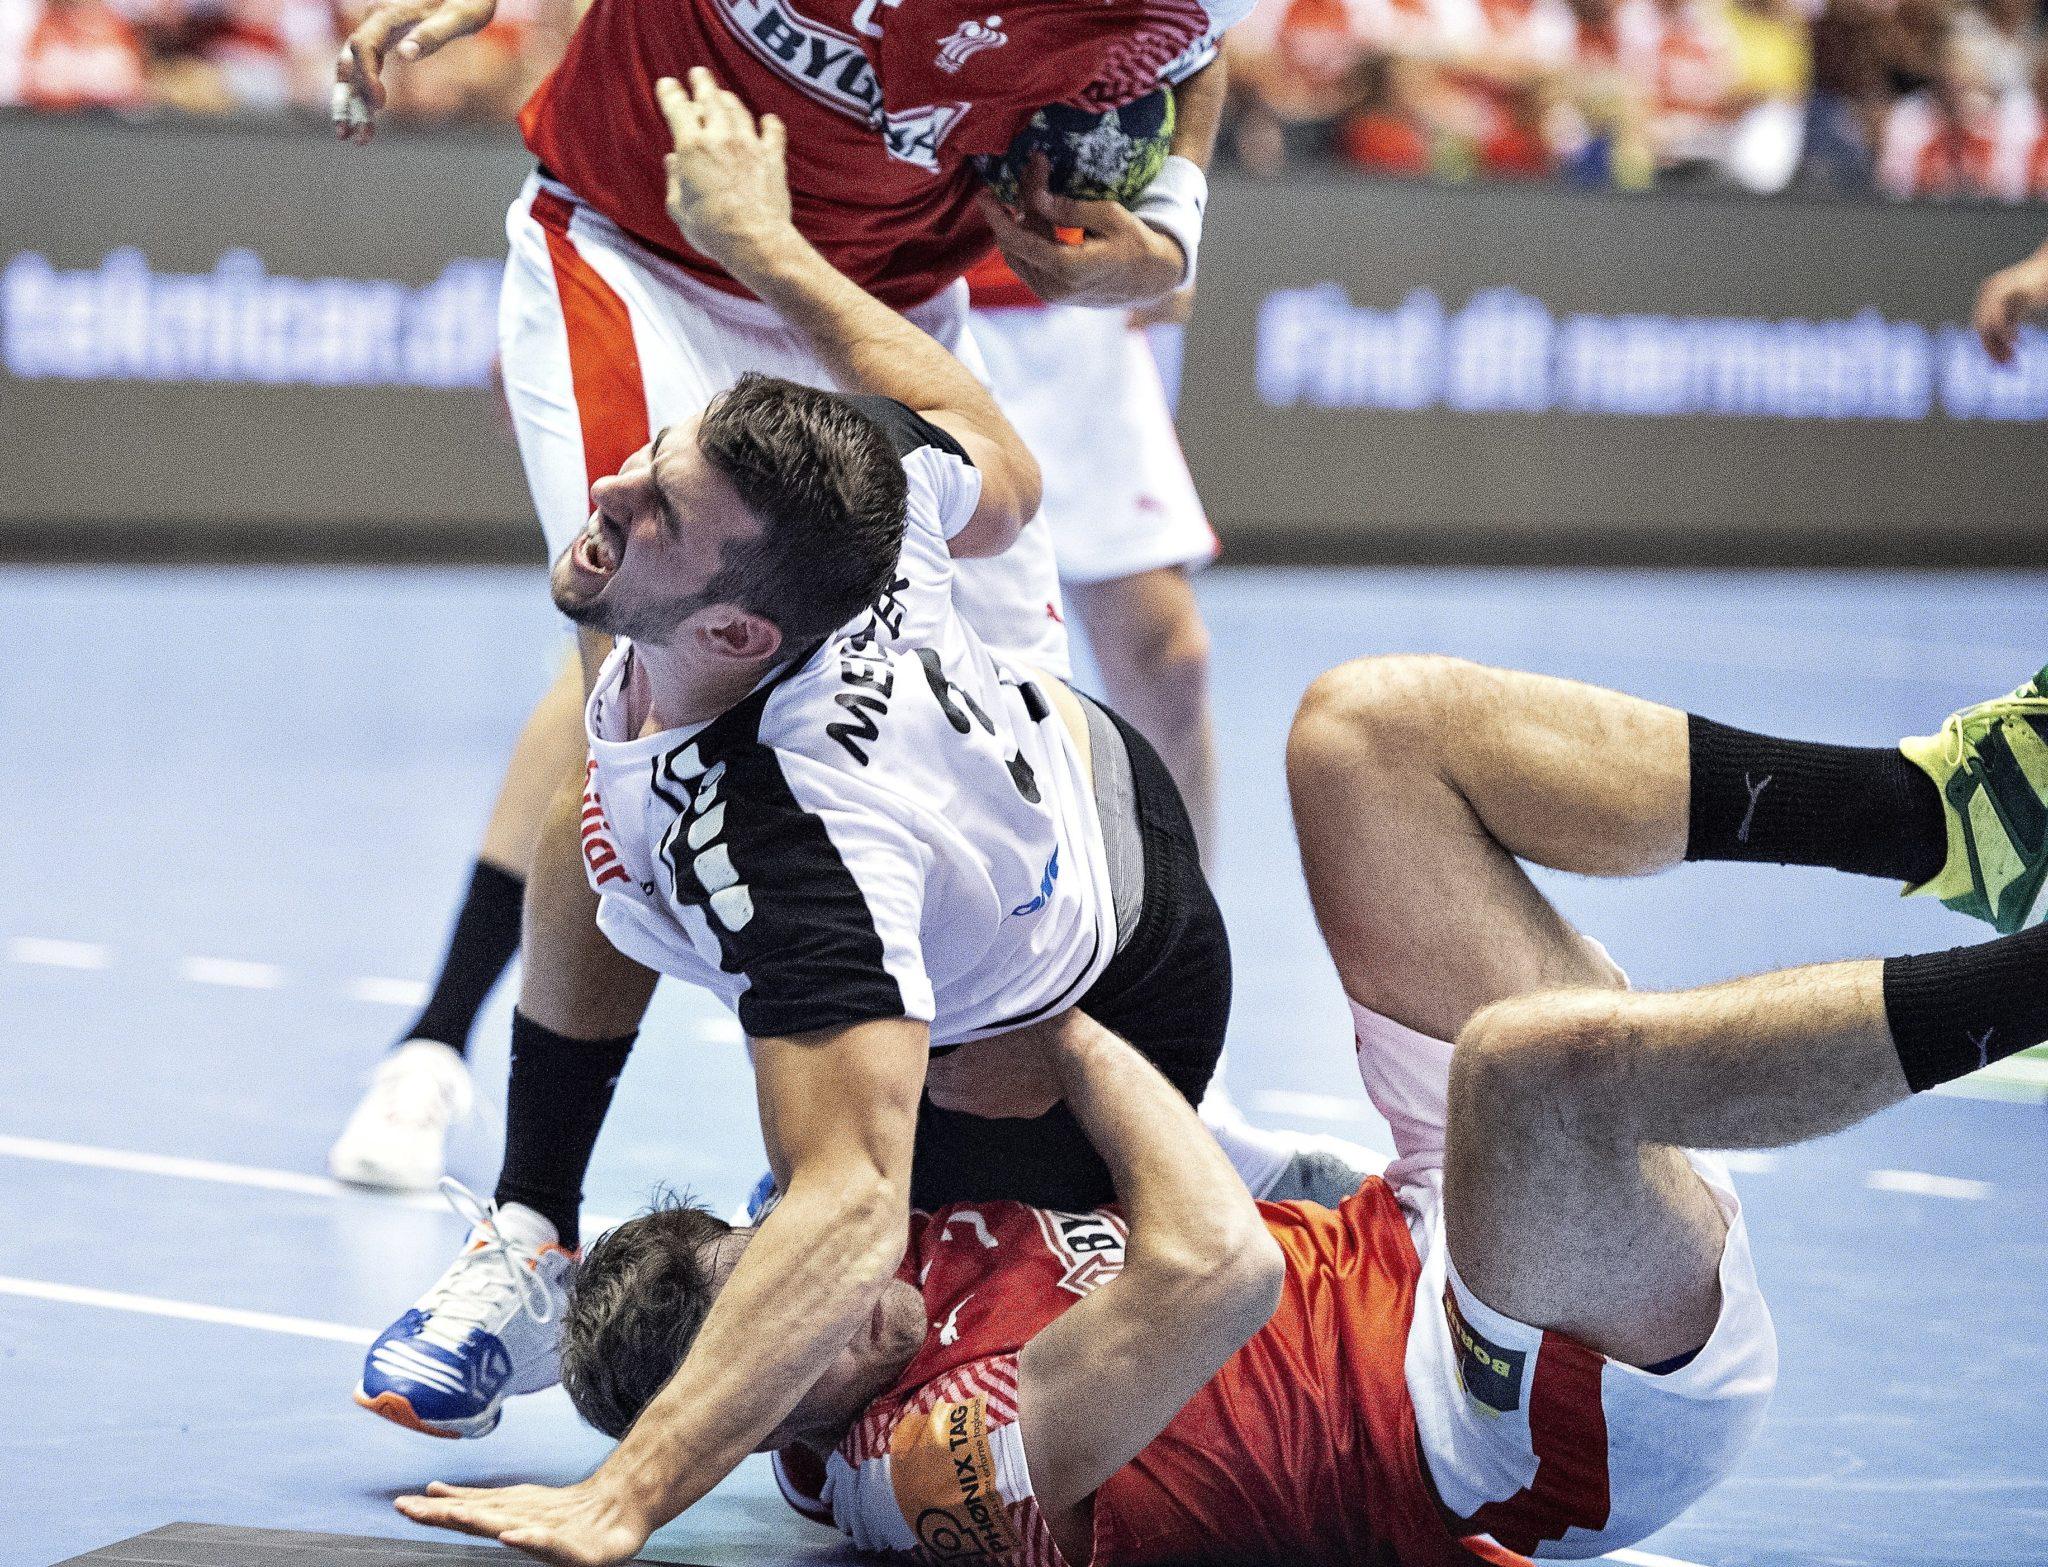 Dania: mecz towarzyszki piłki ręcznej ze Szwajcarią, fot: Henning Bagger, PAP/EPA